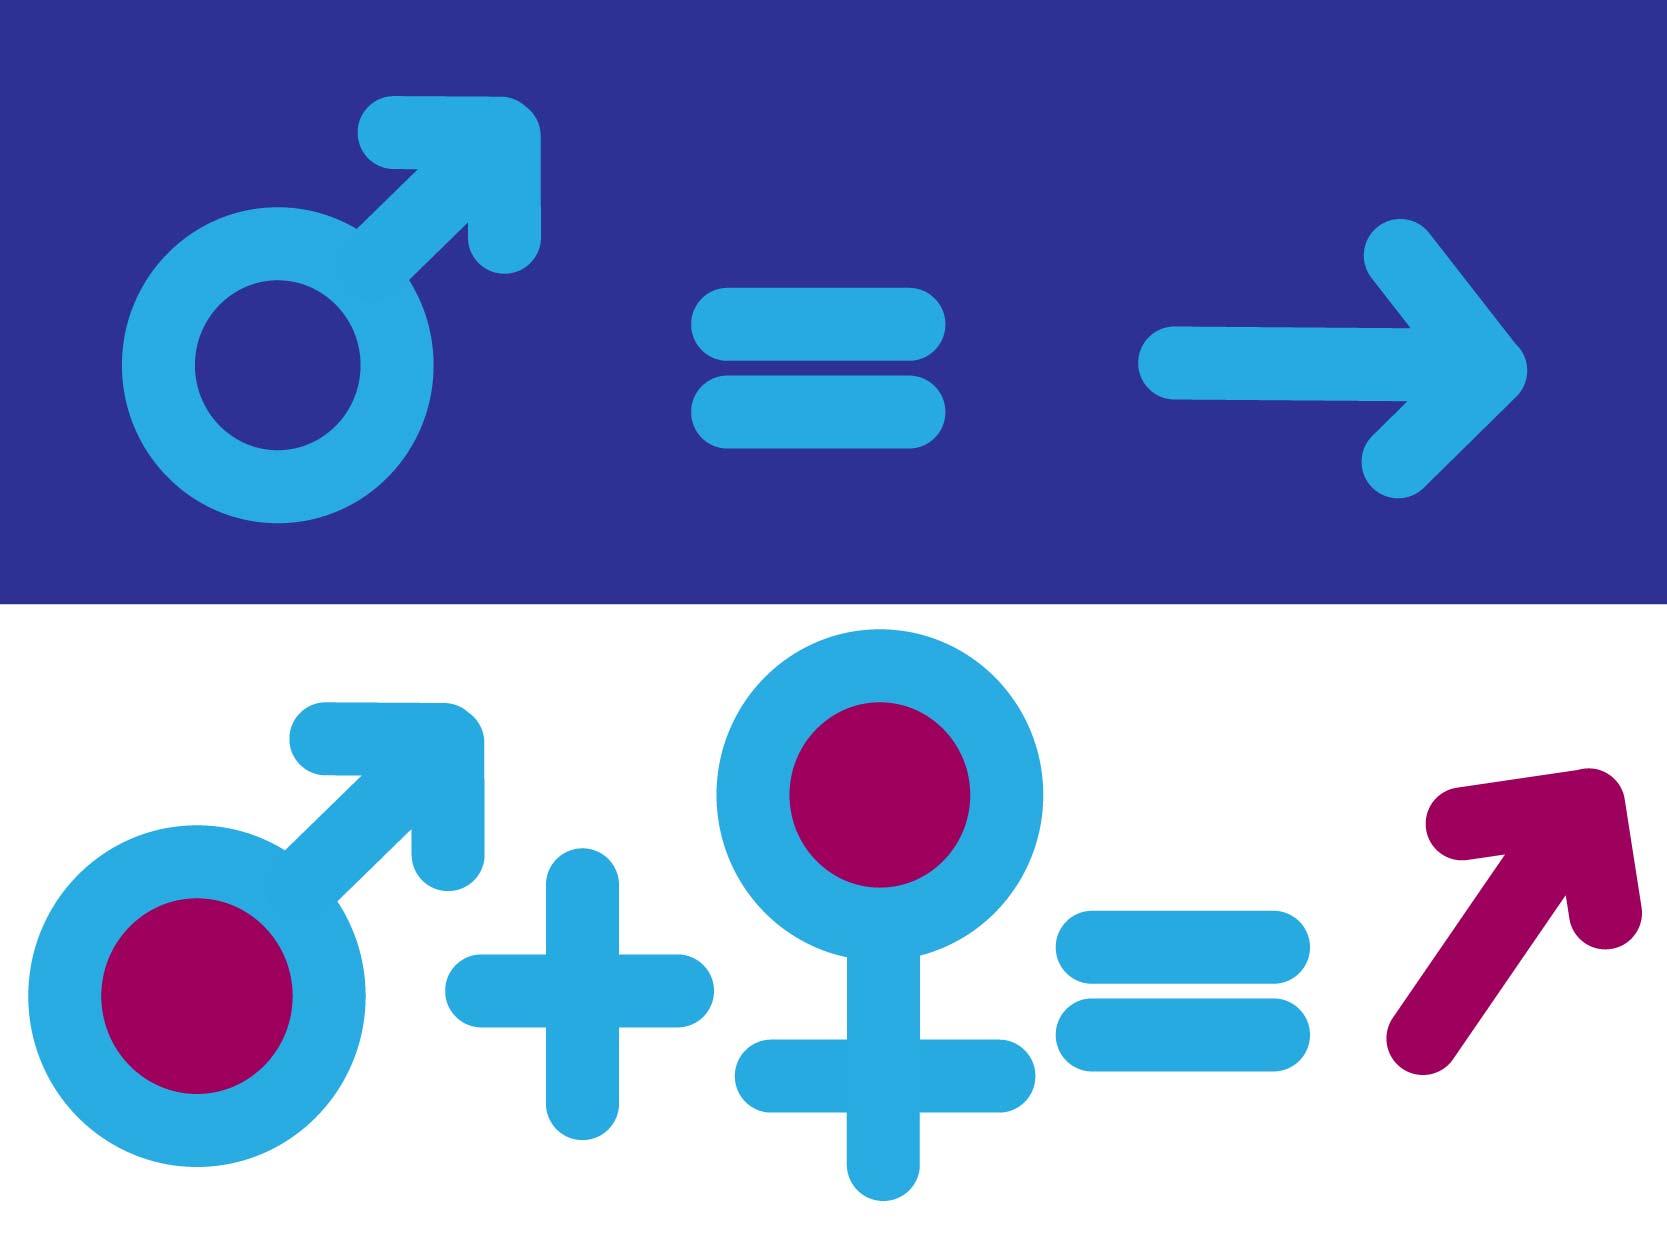 Gender image2